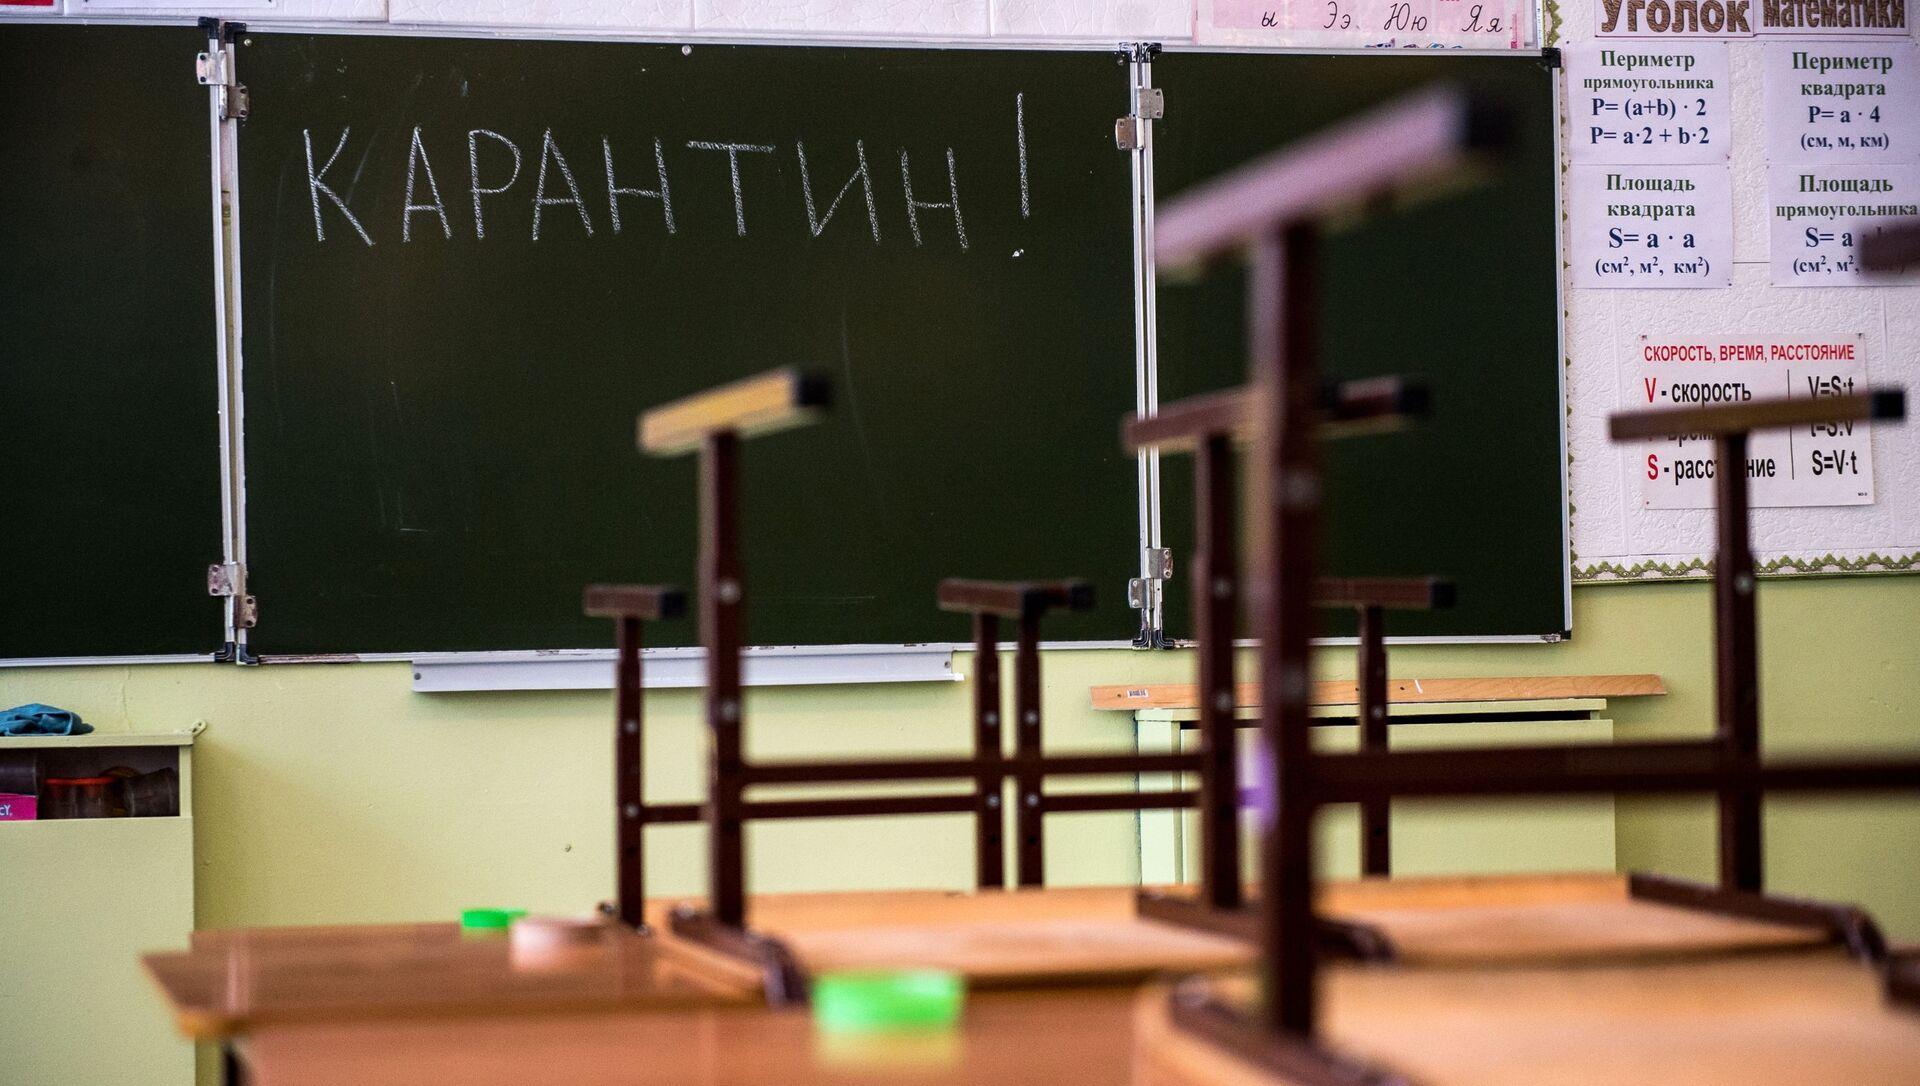 Карантин в школах - Sputnik Абхазия, 1920, 22.09.2021